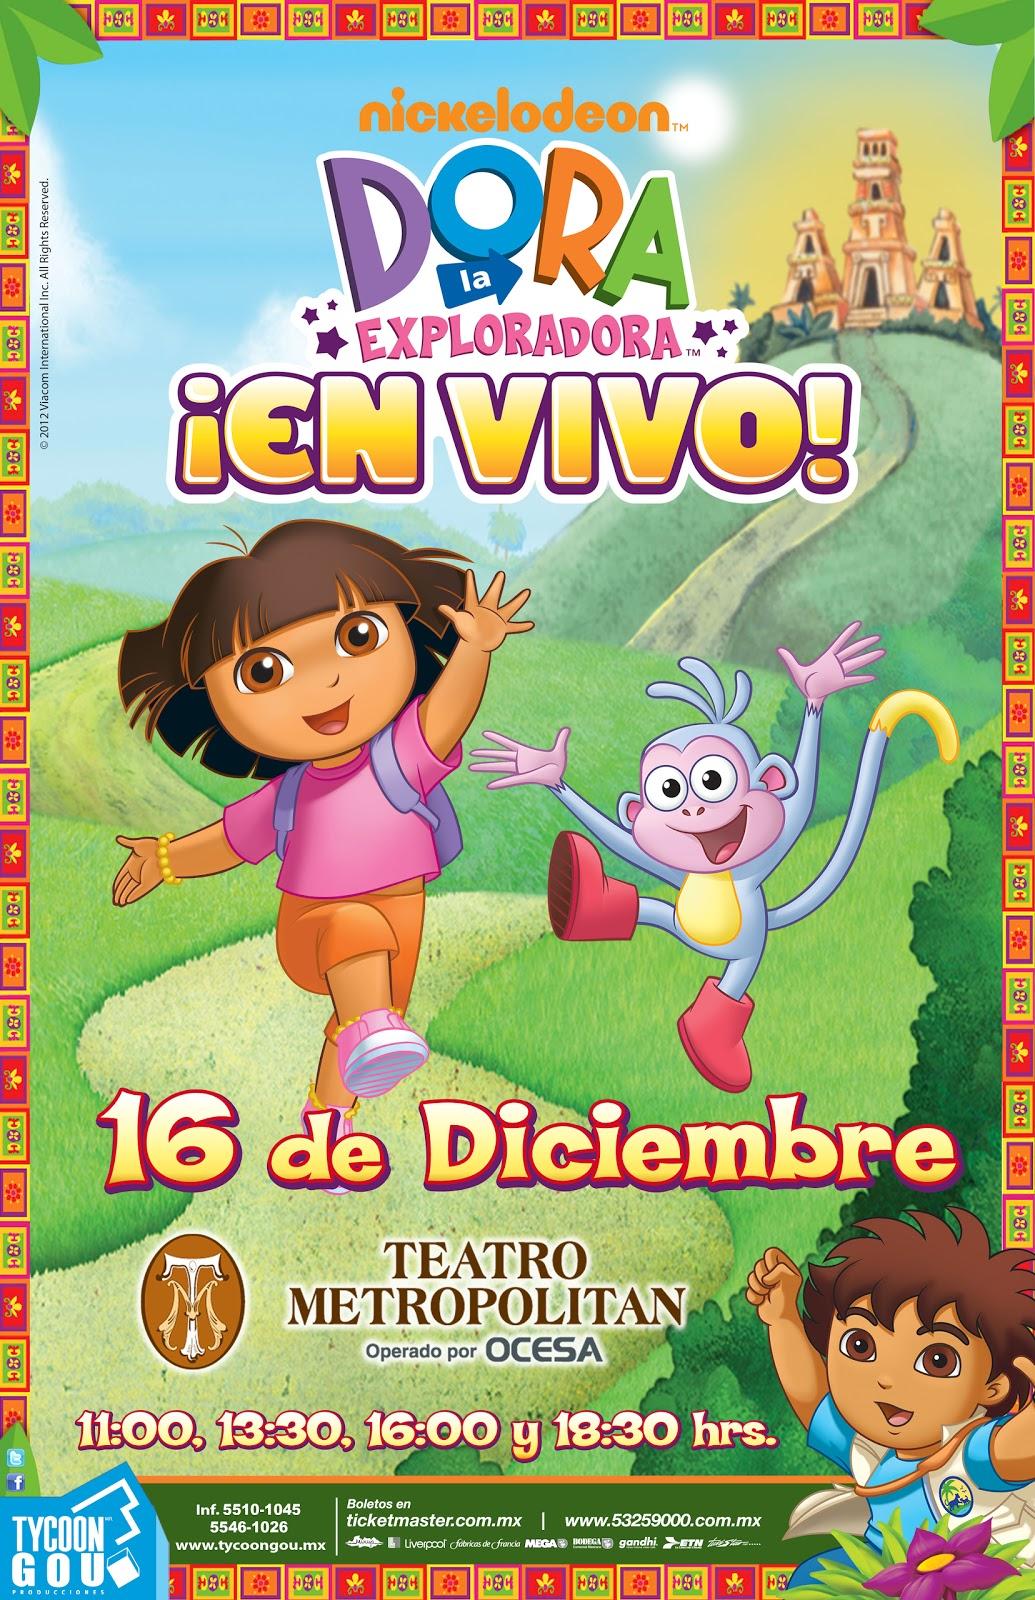 charla latín espectáculo de juguete